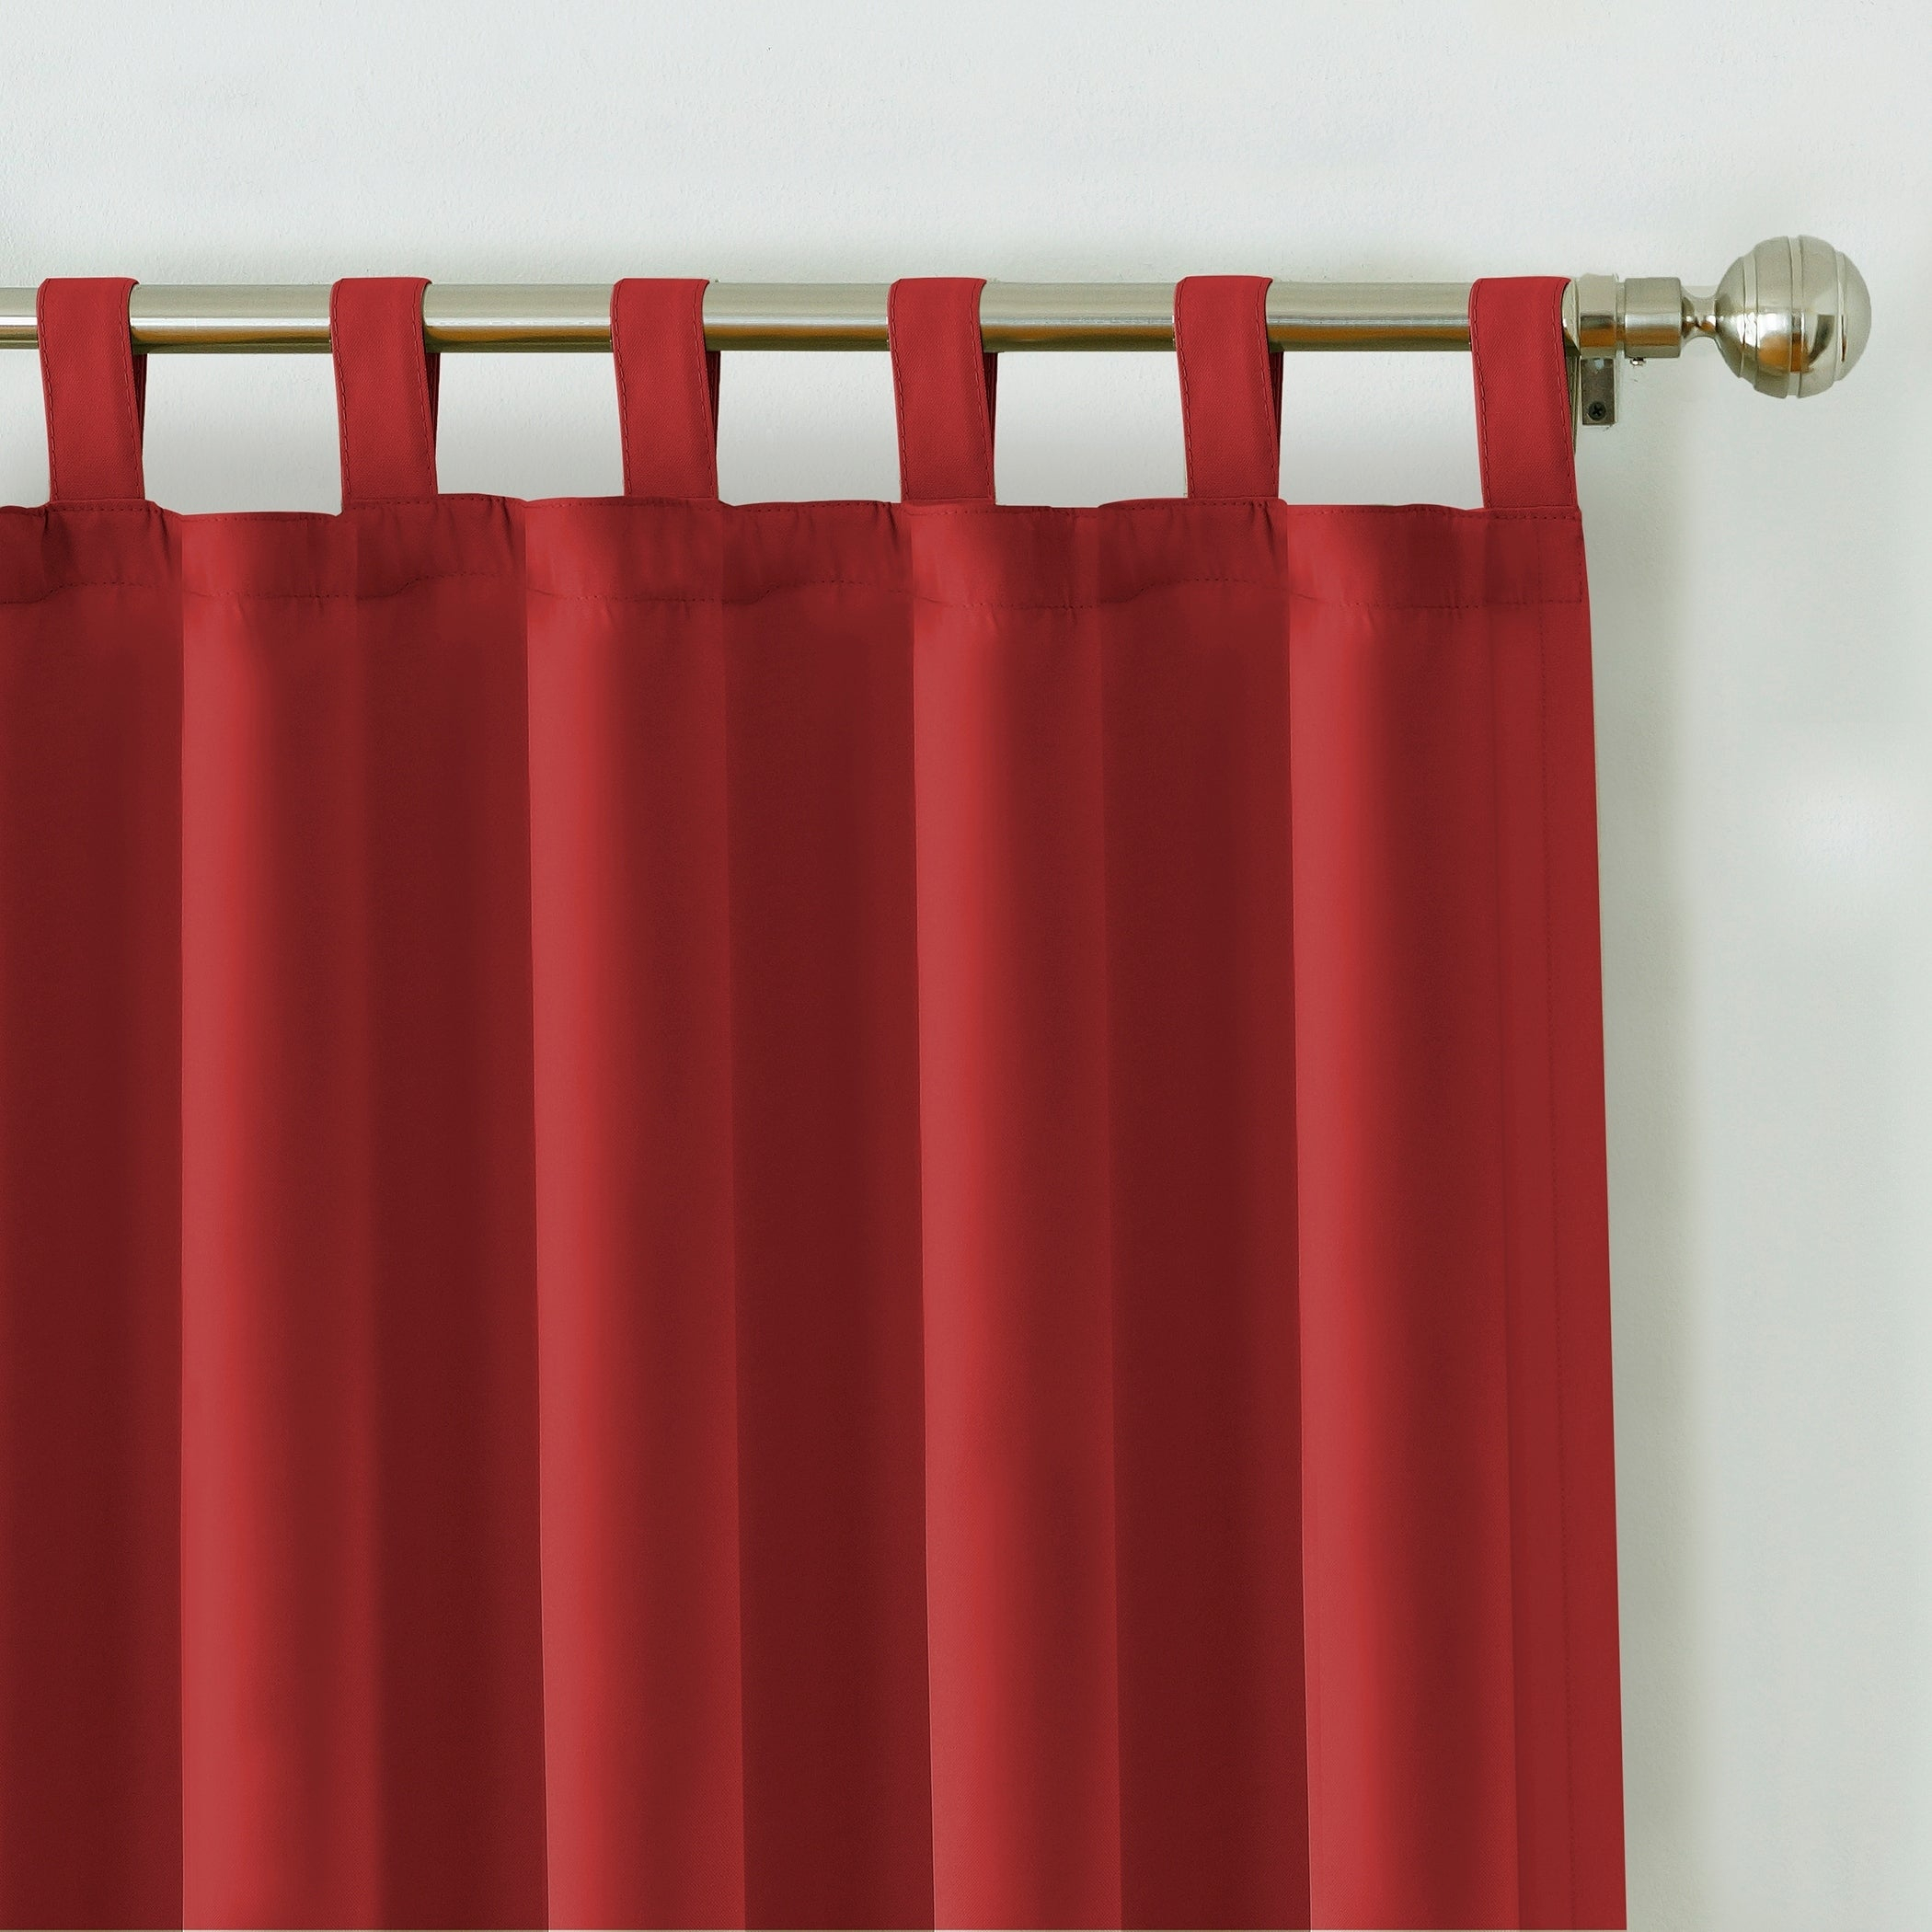 Matine Indoor/outdoor Curtain Panel Regarding Matine Indoor/outdoor Curtain Panels (View 8 of 20)